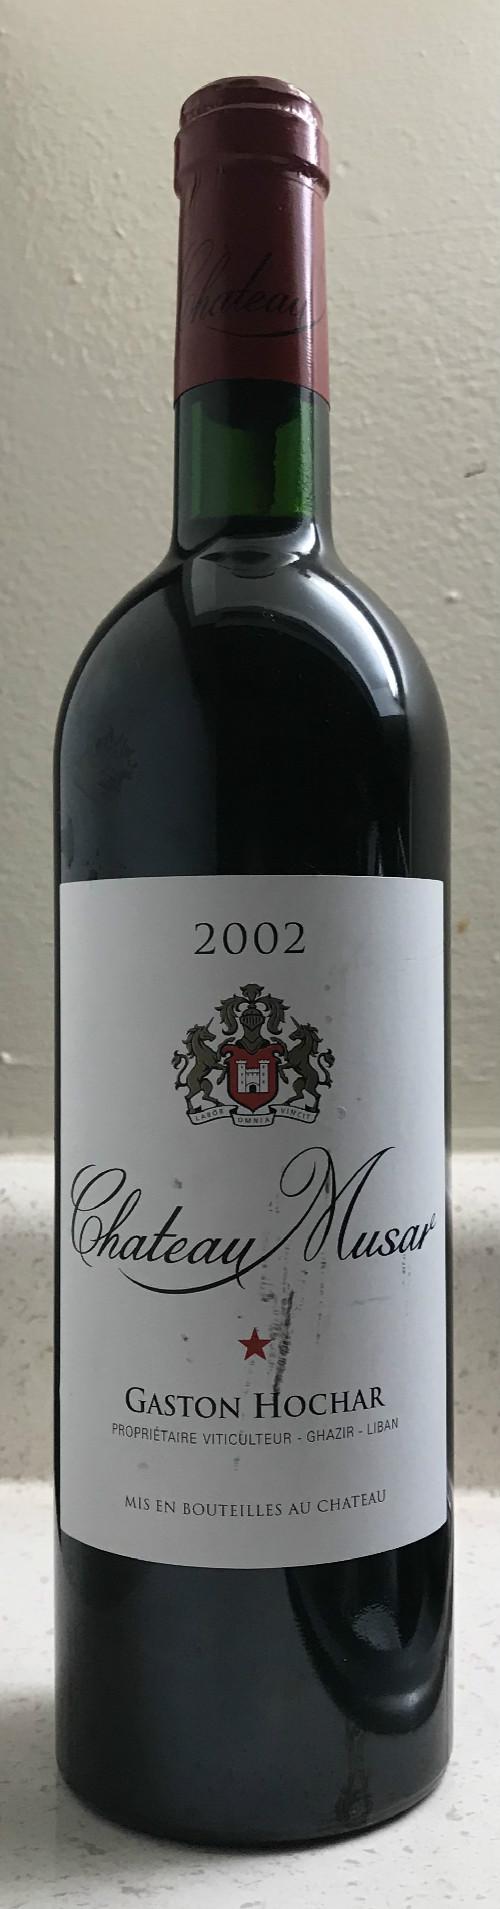 2002-chateau-musar.jpg